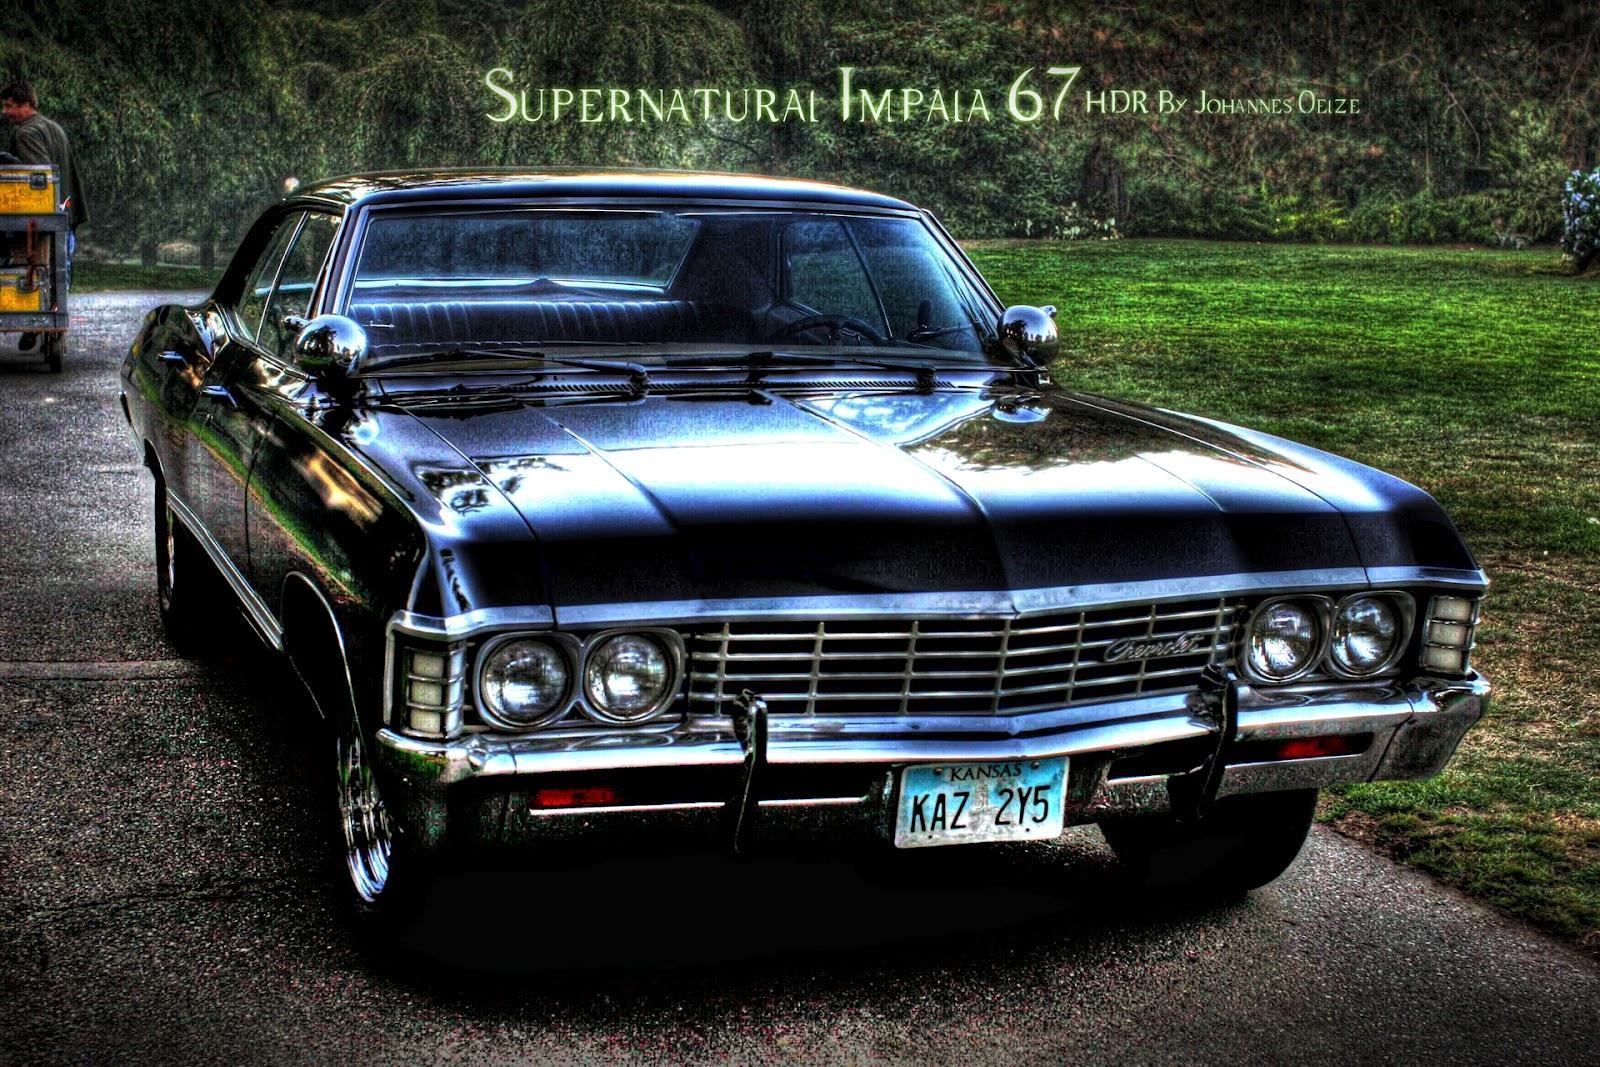 Carros Envenenados Chevy Impala 67 Raridade